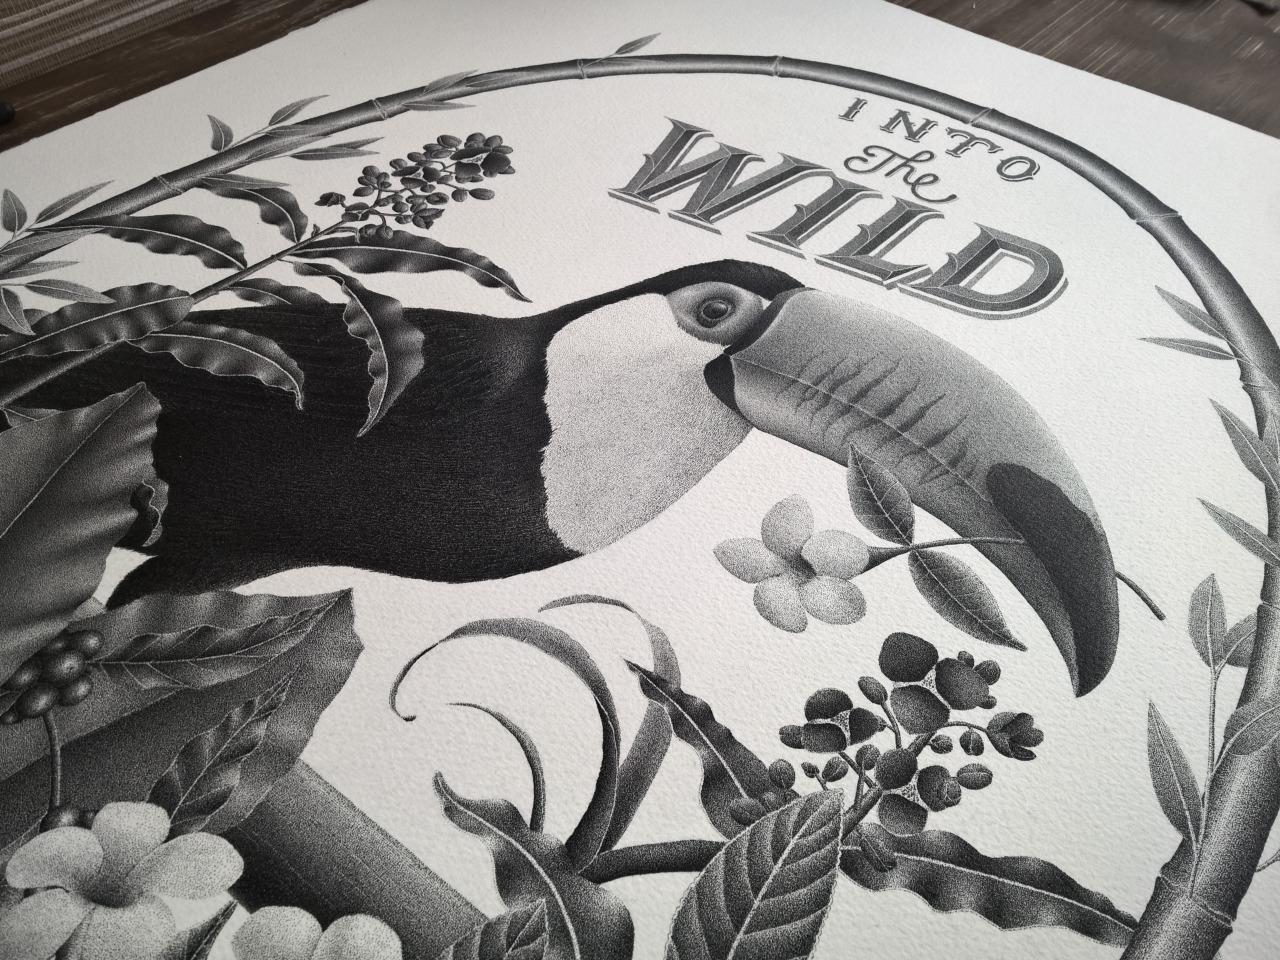 выставочная полиграфия, постер с логотипом, рекламная продукция к выставке, качественные визитки, корпоративные визитки, рекламные буклеты, каталог к выставке, каталог продукции, изготовление выставочной рекламной продукции, рекламная полиграфия, типография на Шаболовке, визитки для выставки, выставочная полиграфия быстро и недорого